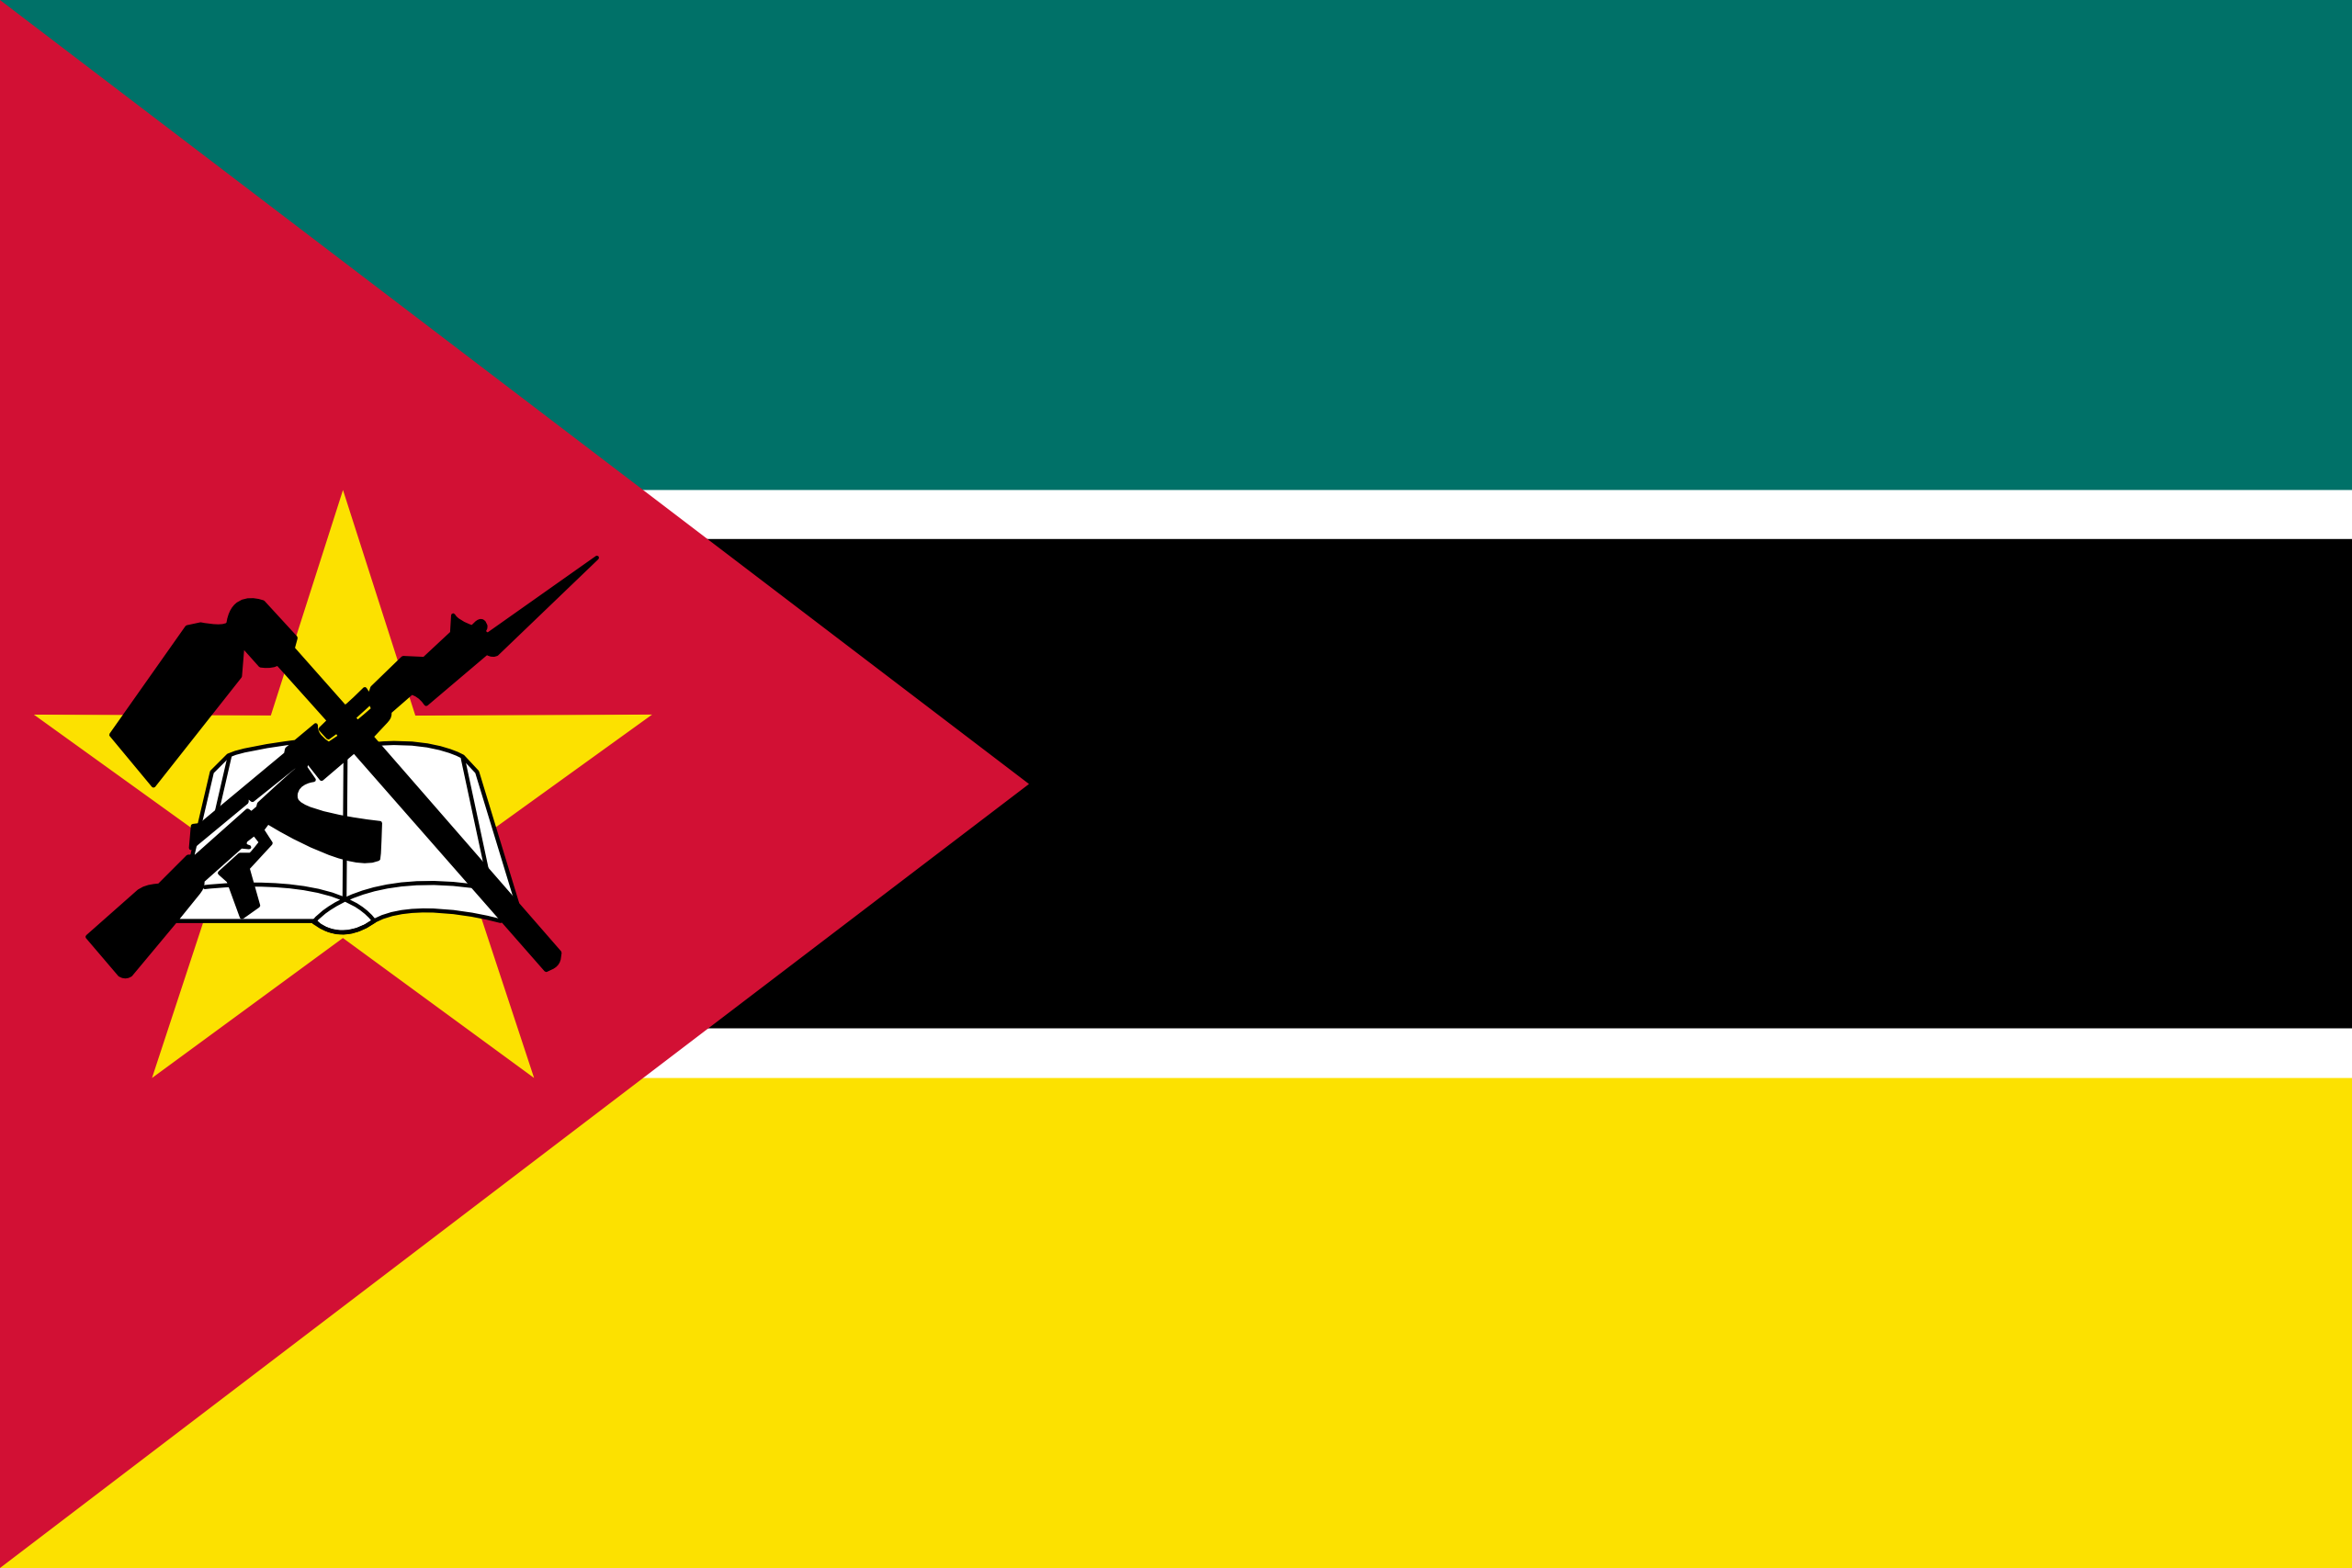 Mosambik, Land, Emblem, Logo, Symbol - Wallpaper HD - Prof.-falken.com